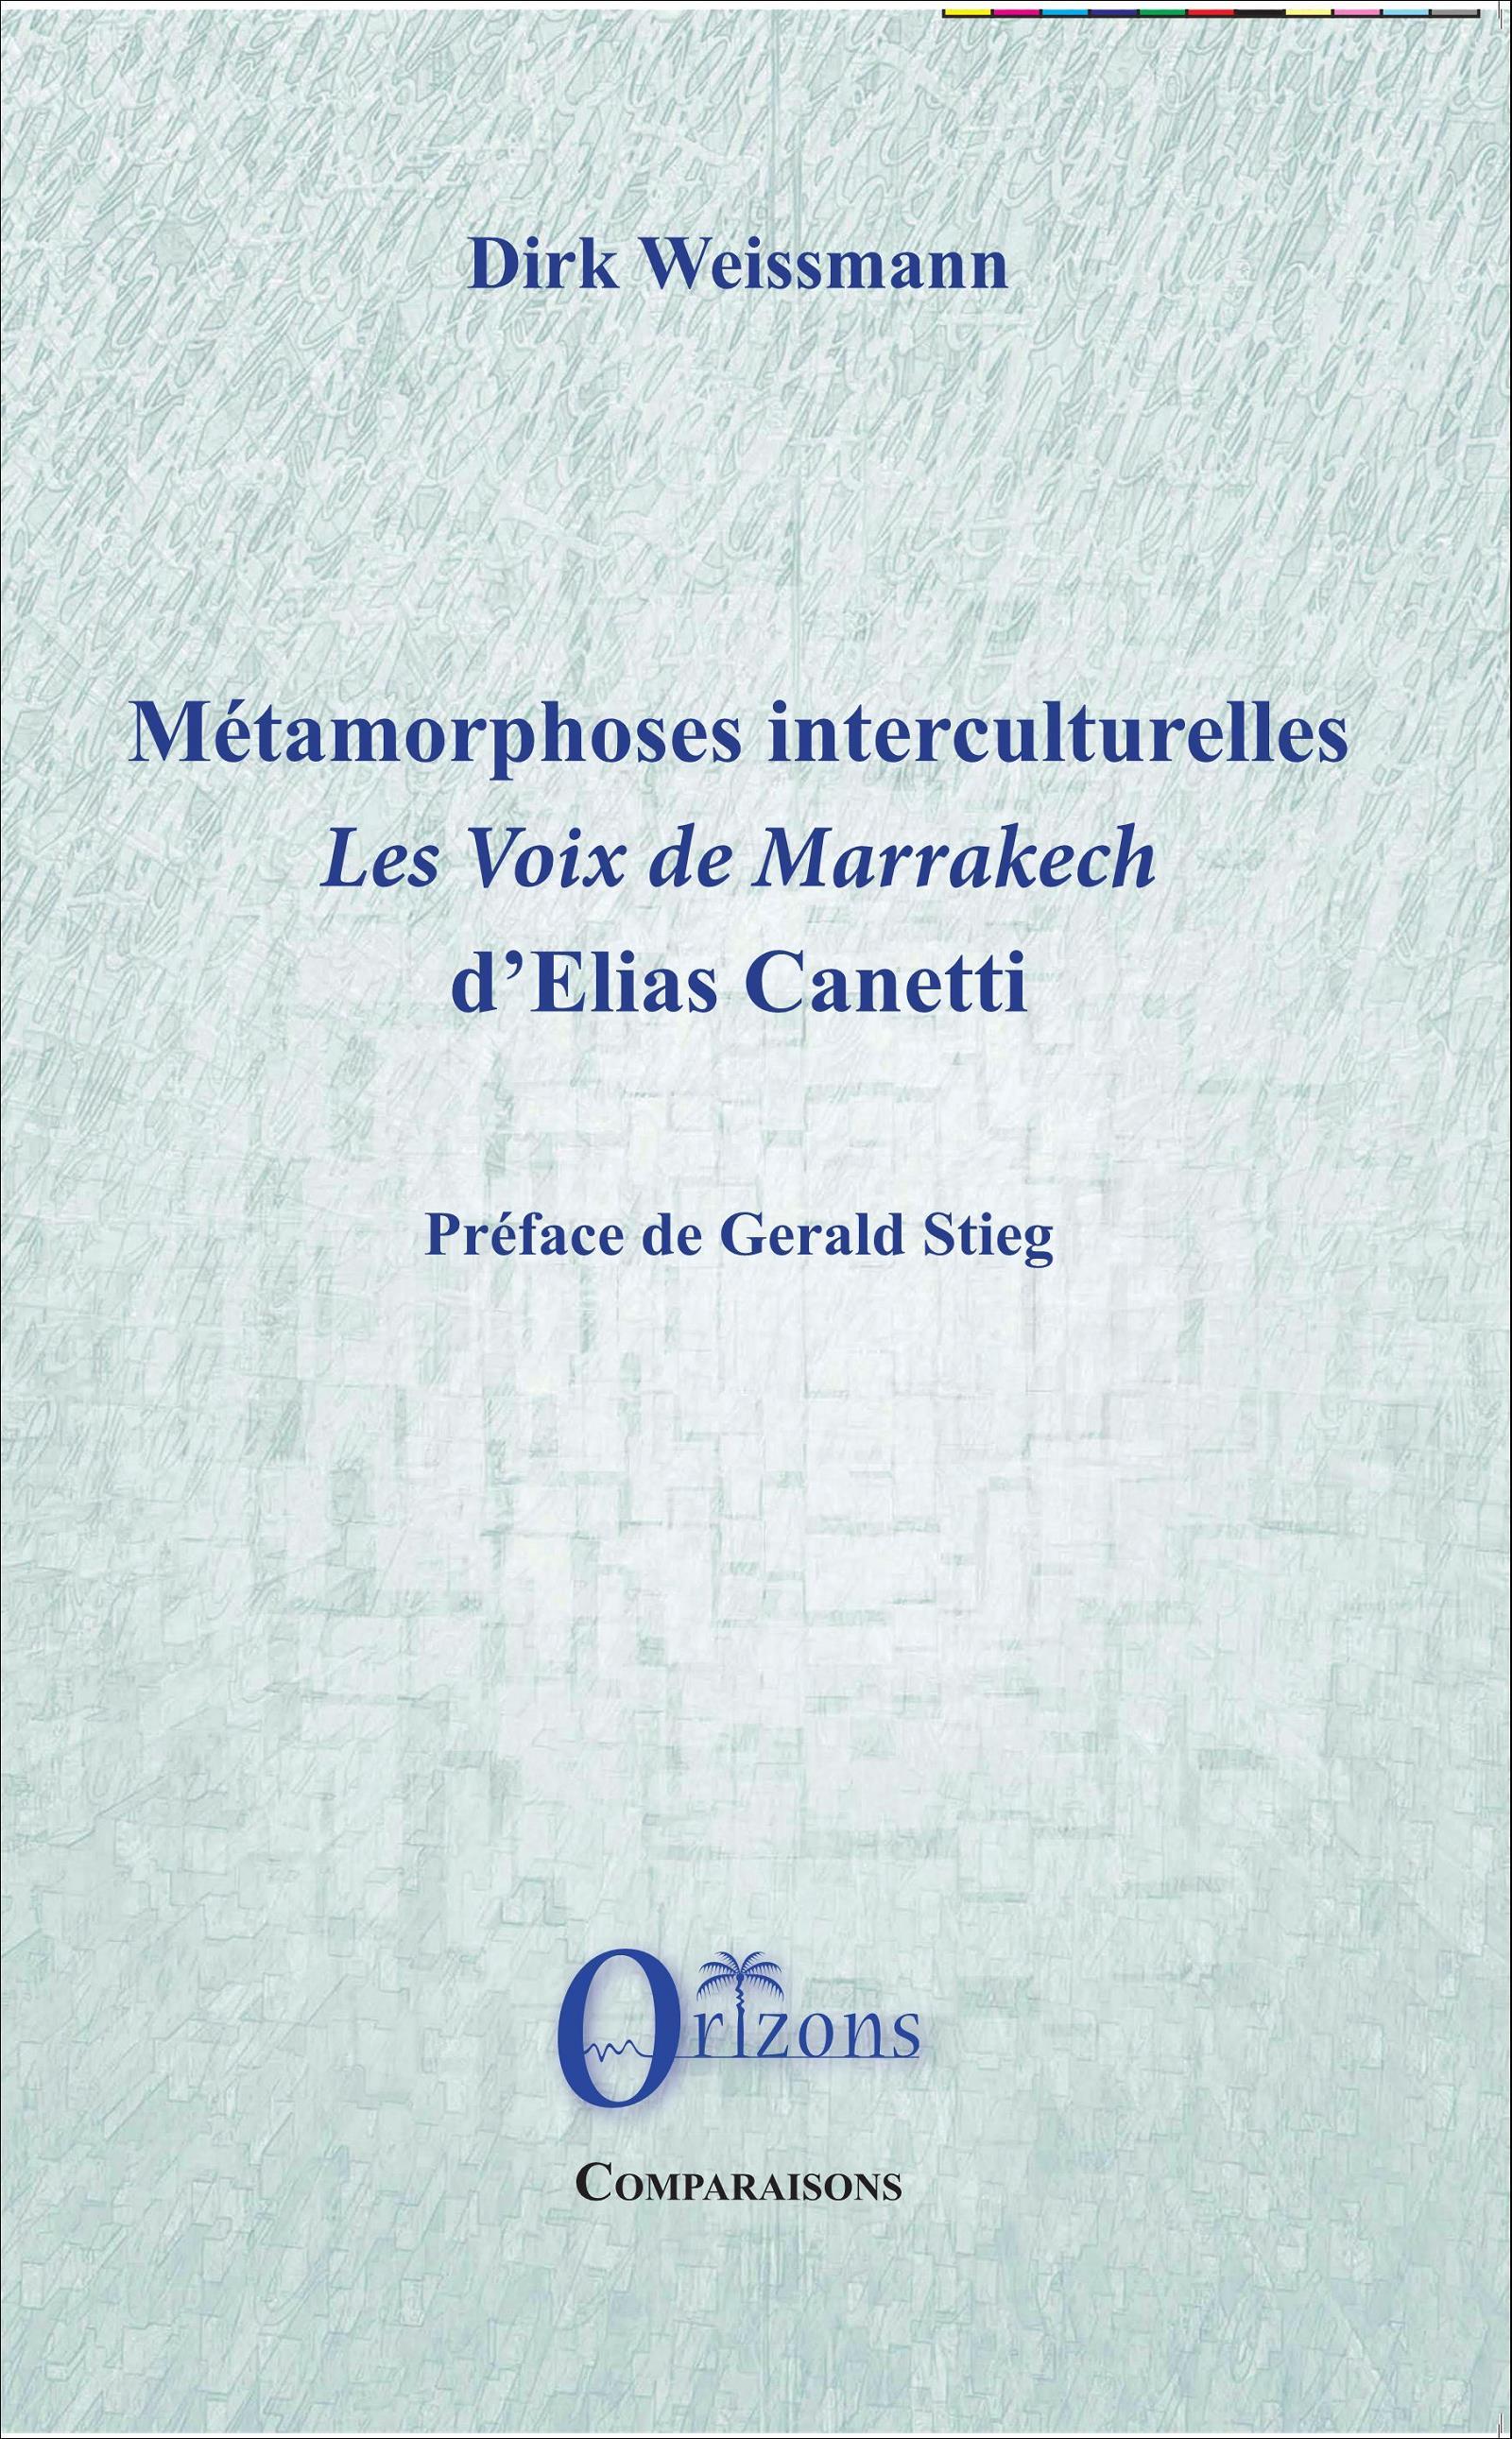 Dirk Weissmann, Métamorphoses interculturelles, Les Voix de Marrakech d'Elias Canetti